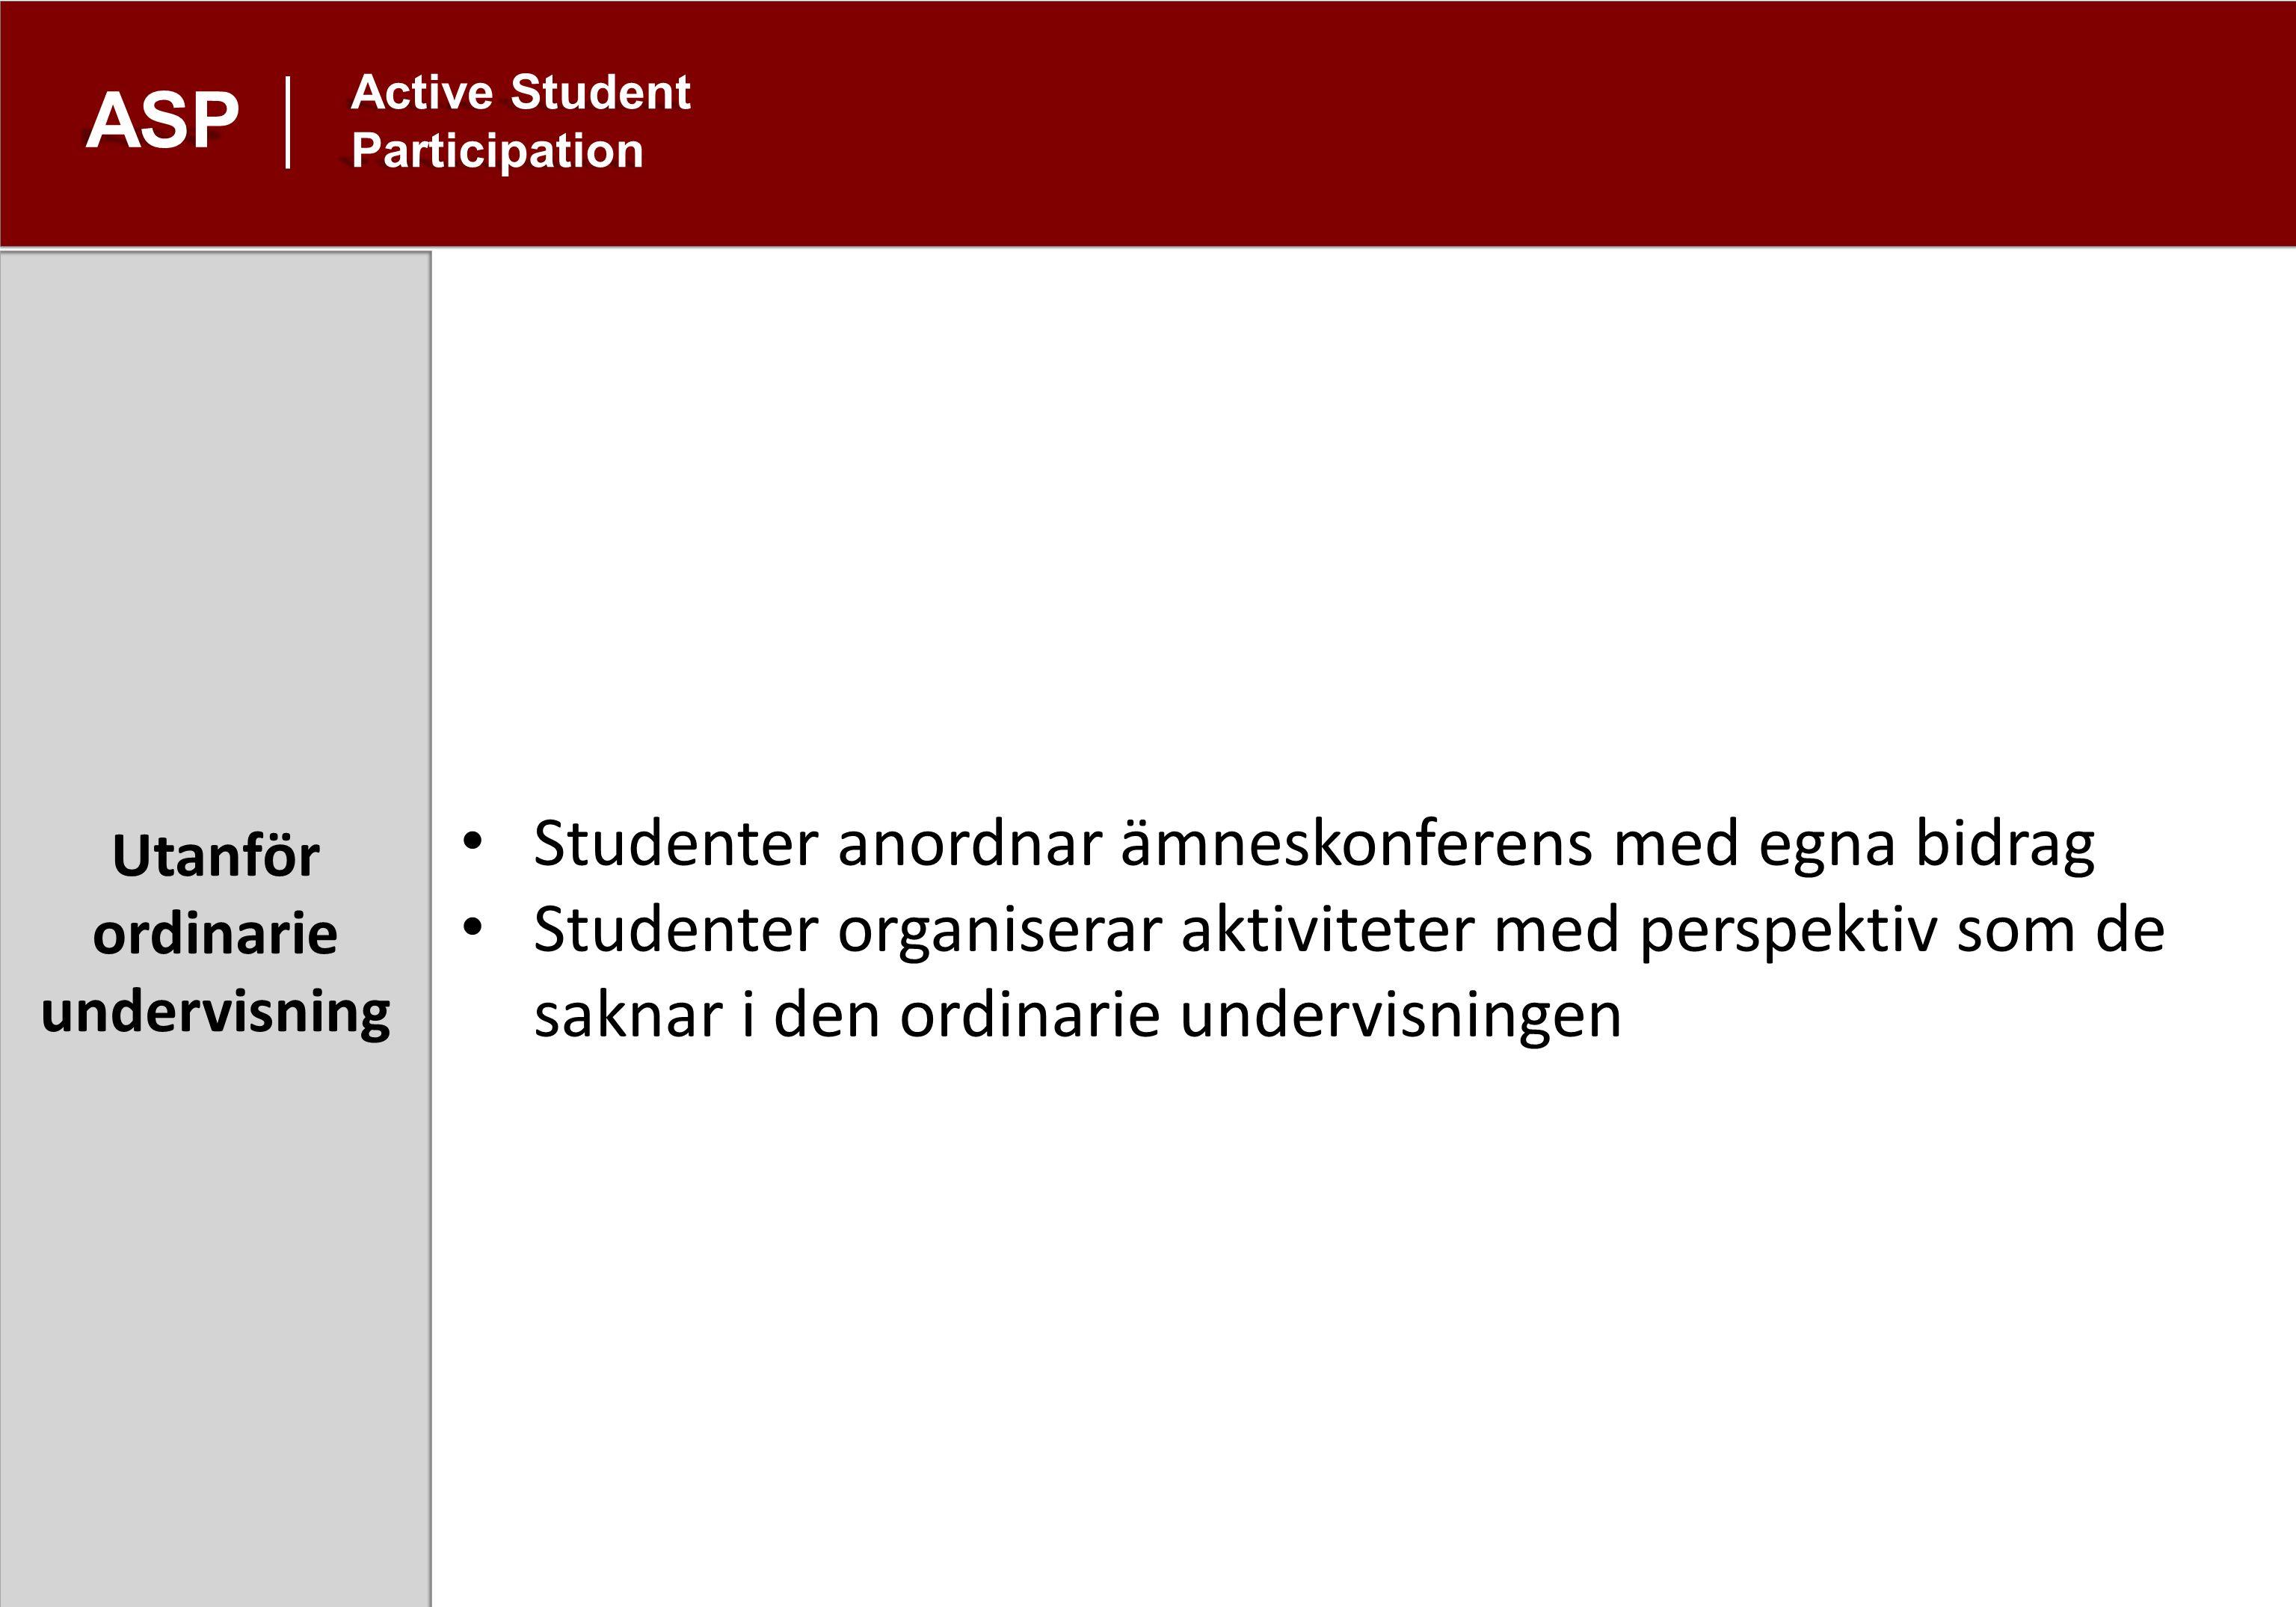 aktivstudentmedverkan@uadm.uu.se www.uu.se/asp Active Student Participation ASP Vad och varför?